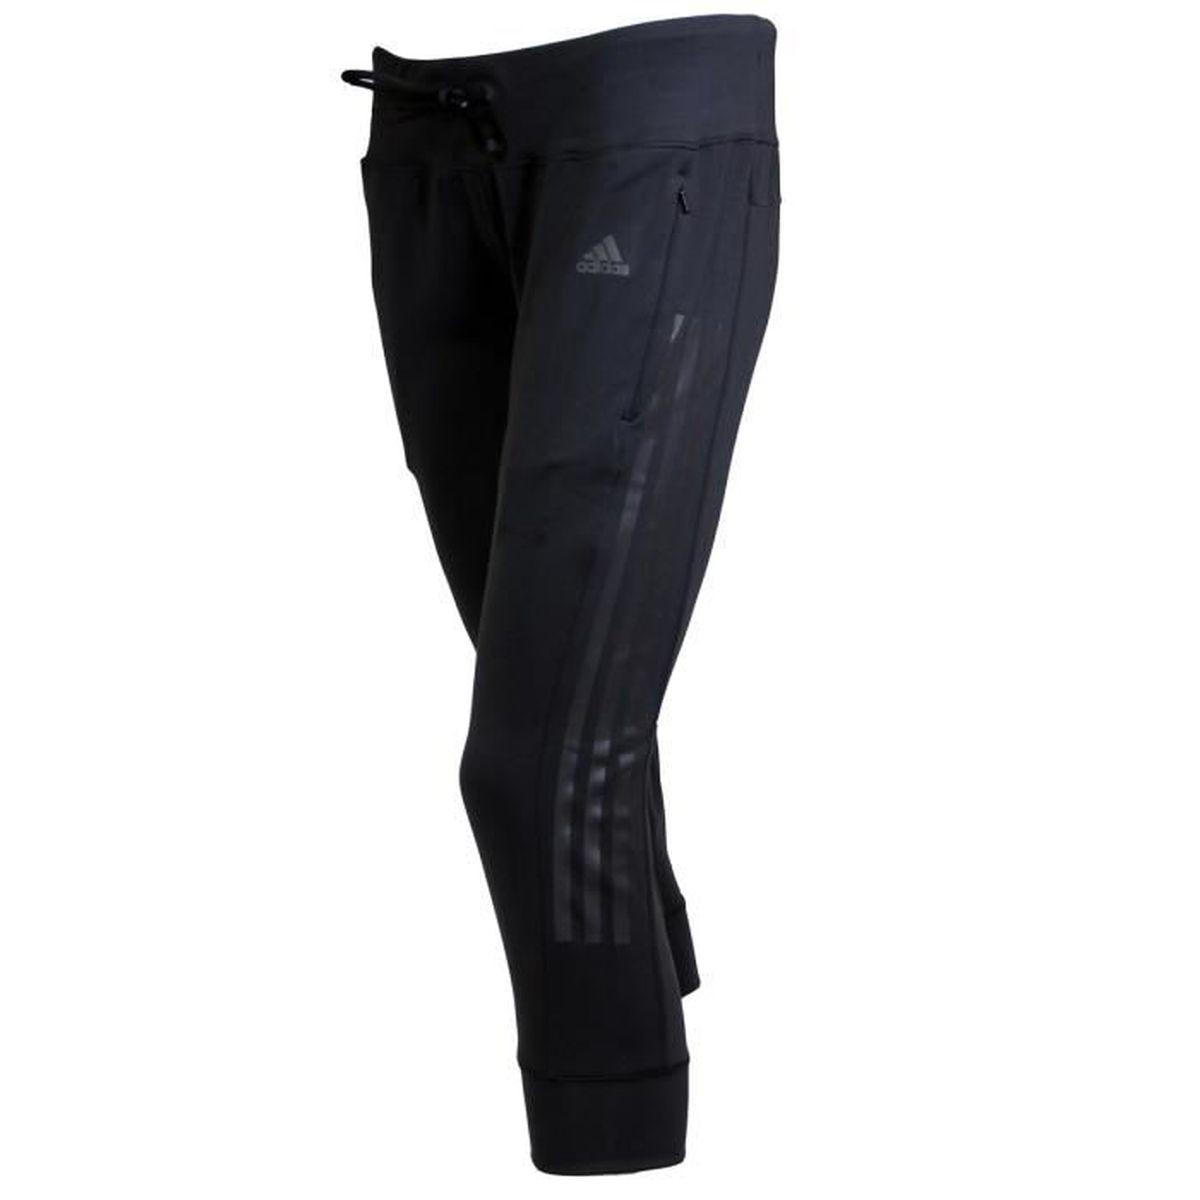 Noir Vente Femme 4 Achat 3 Pant Gym Adidas Pantalon zXqxS8YxT